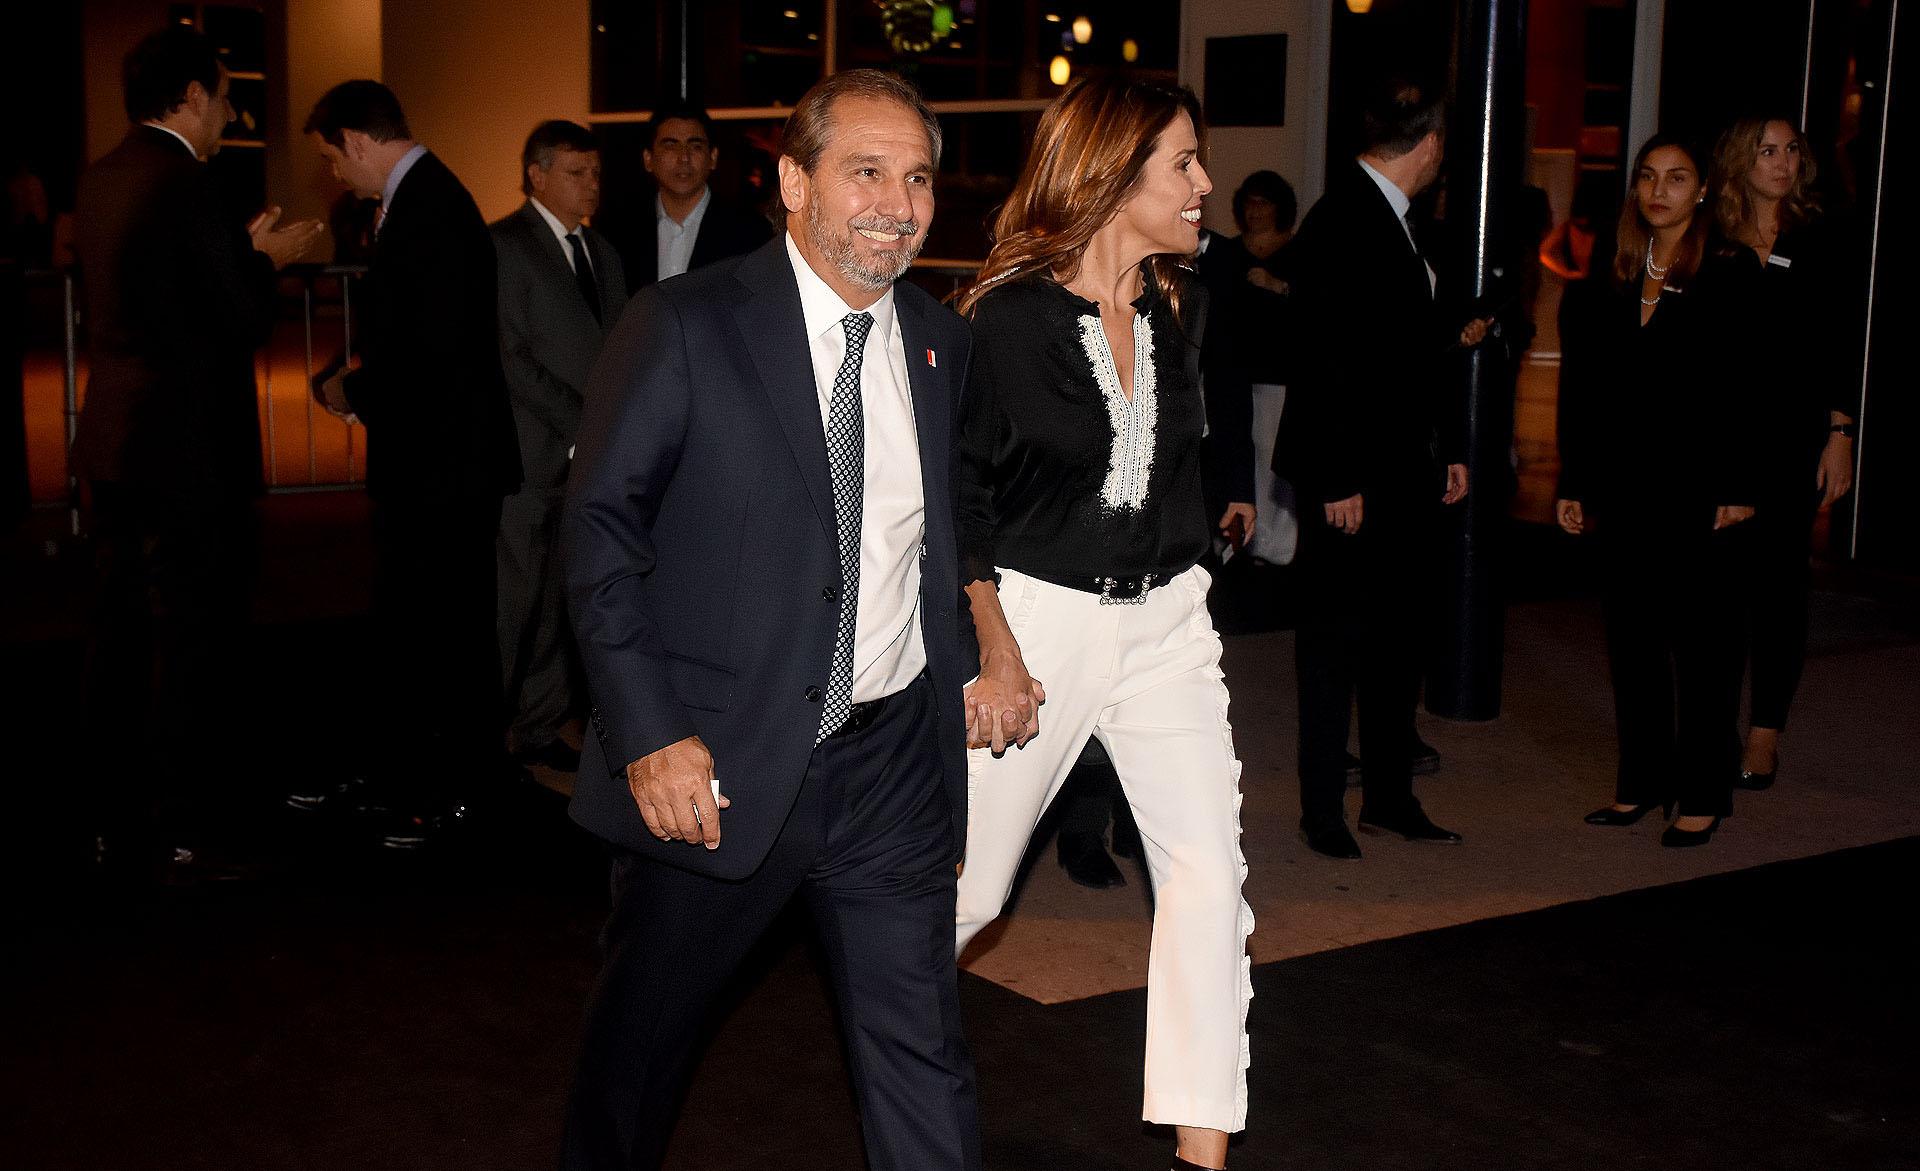 Nicolás Caputo, cónsul general de Singapur en la Argentina, y su mujer Agustina Lhez